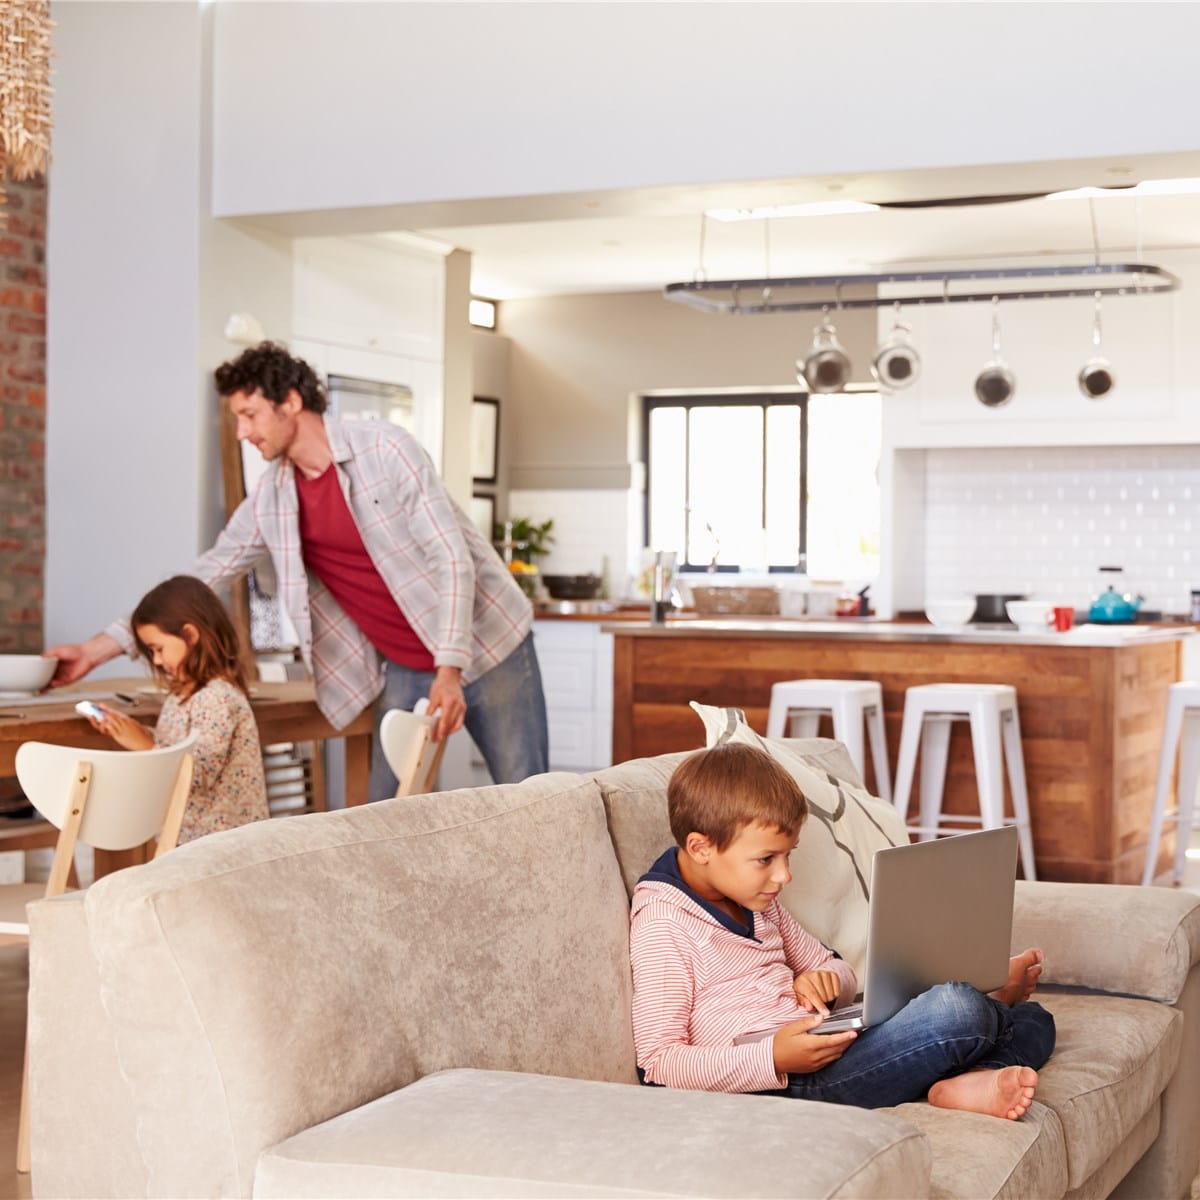 ergo versicherung eik gl cklederer in oschersleben bode. Black Bedroom Furniture Sets. Home Design Ideas